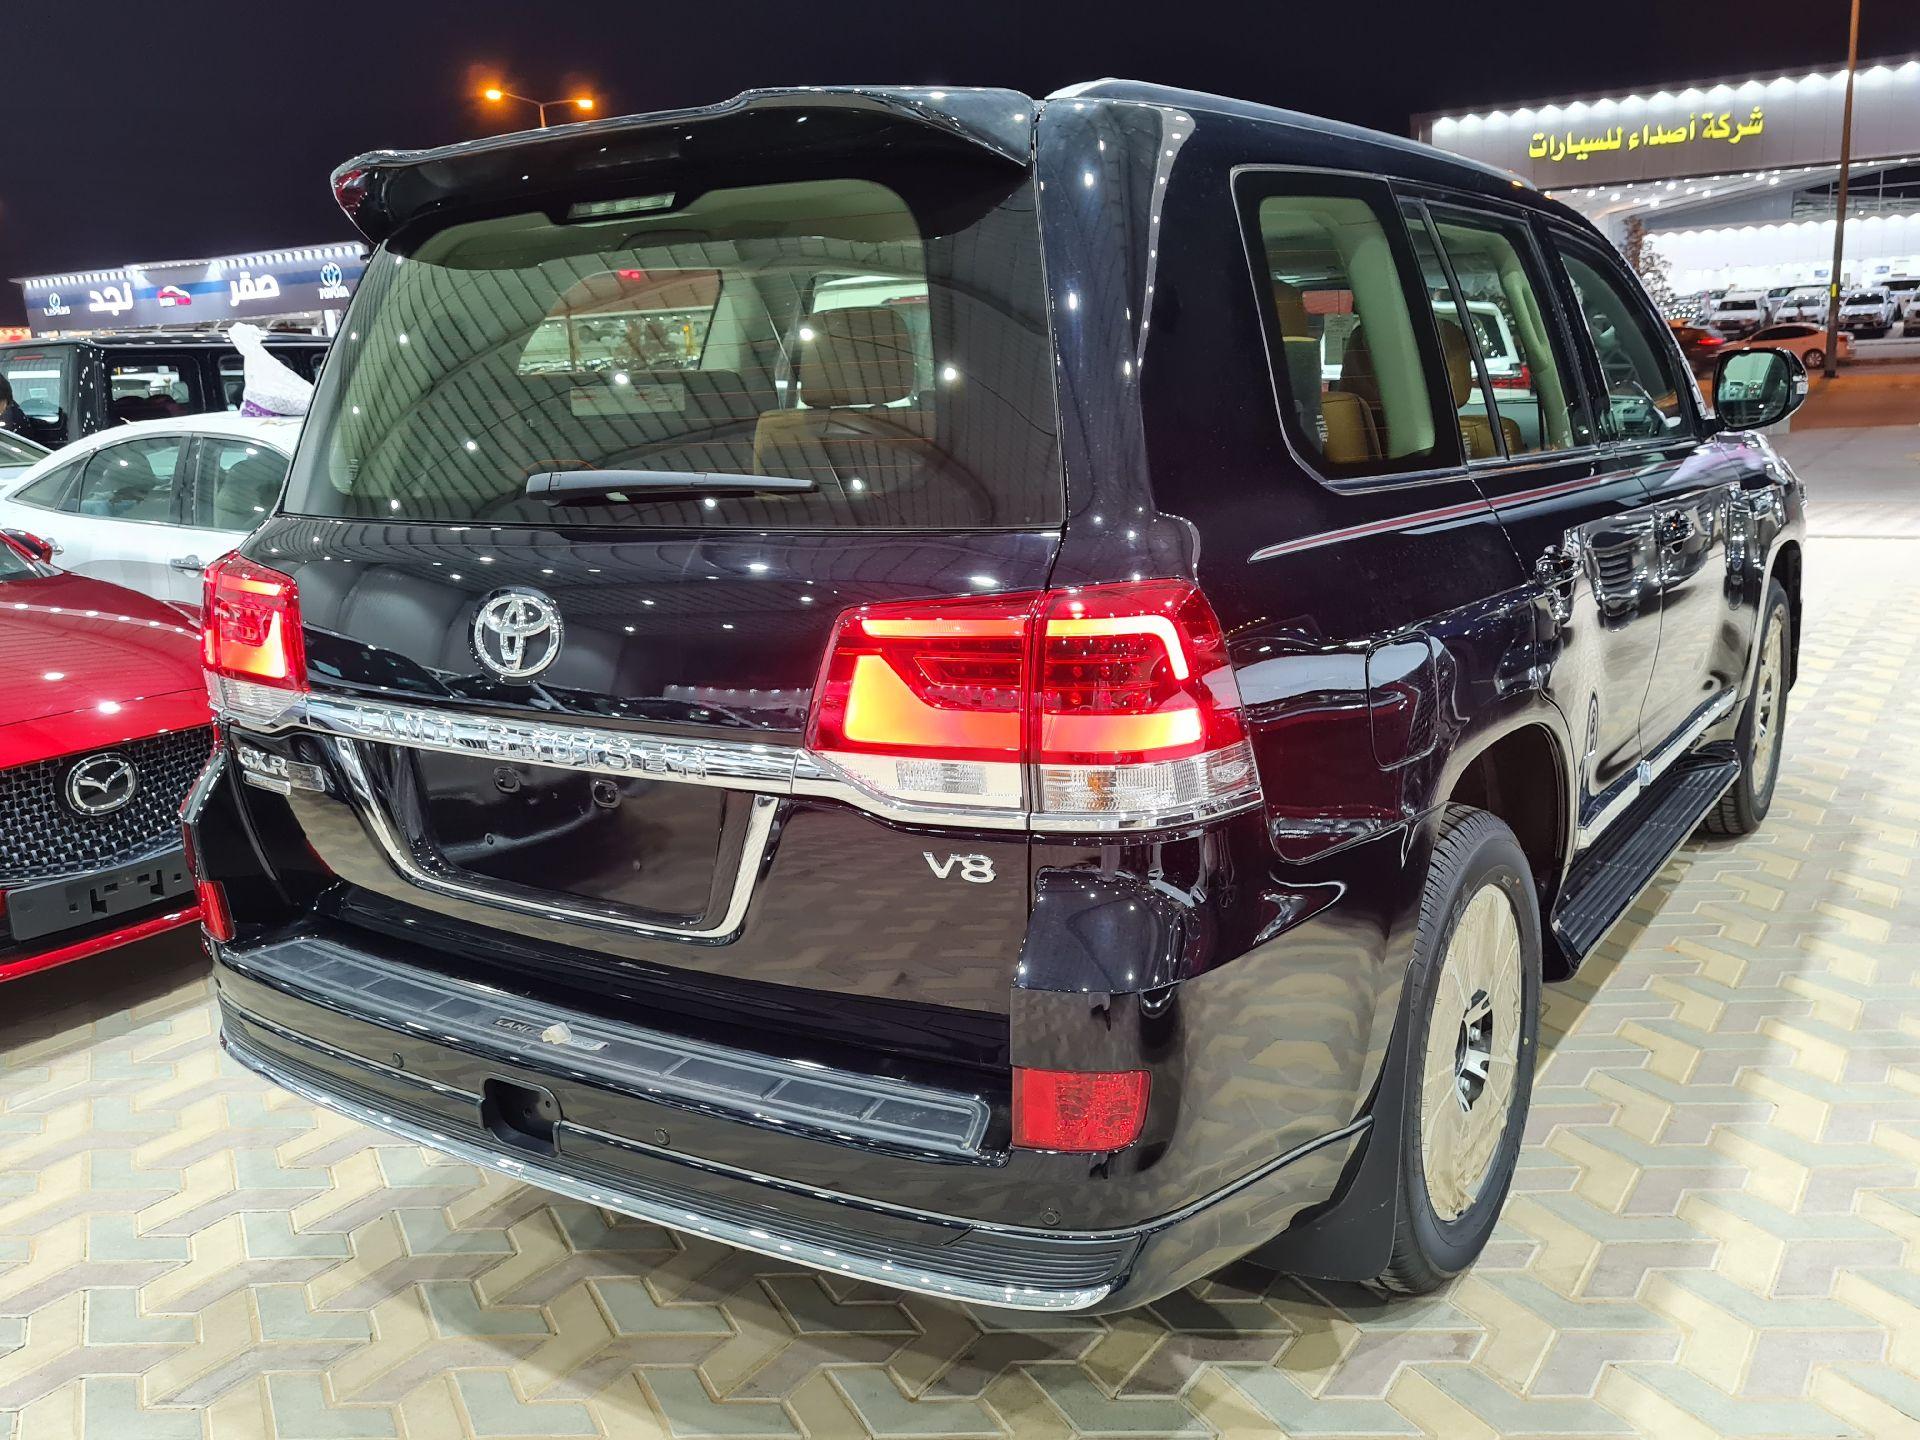 تويوتا لاندكروزر GXR قراند تورنج 2021 فل دبل خليجي جديد للبيع في الرياض - السعودية - صورة كبيرة - 8